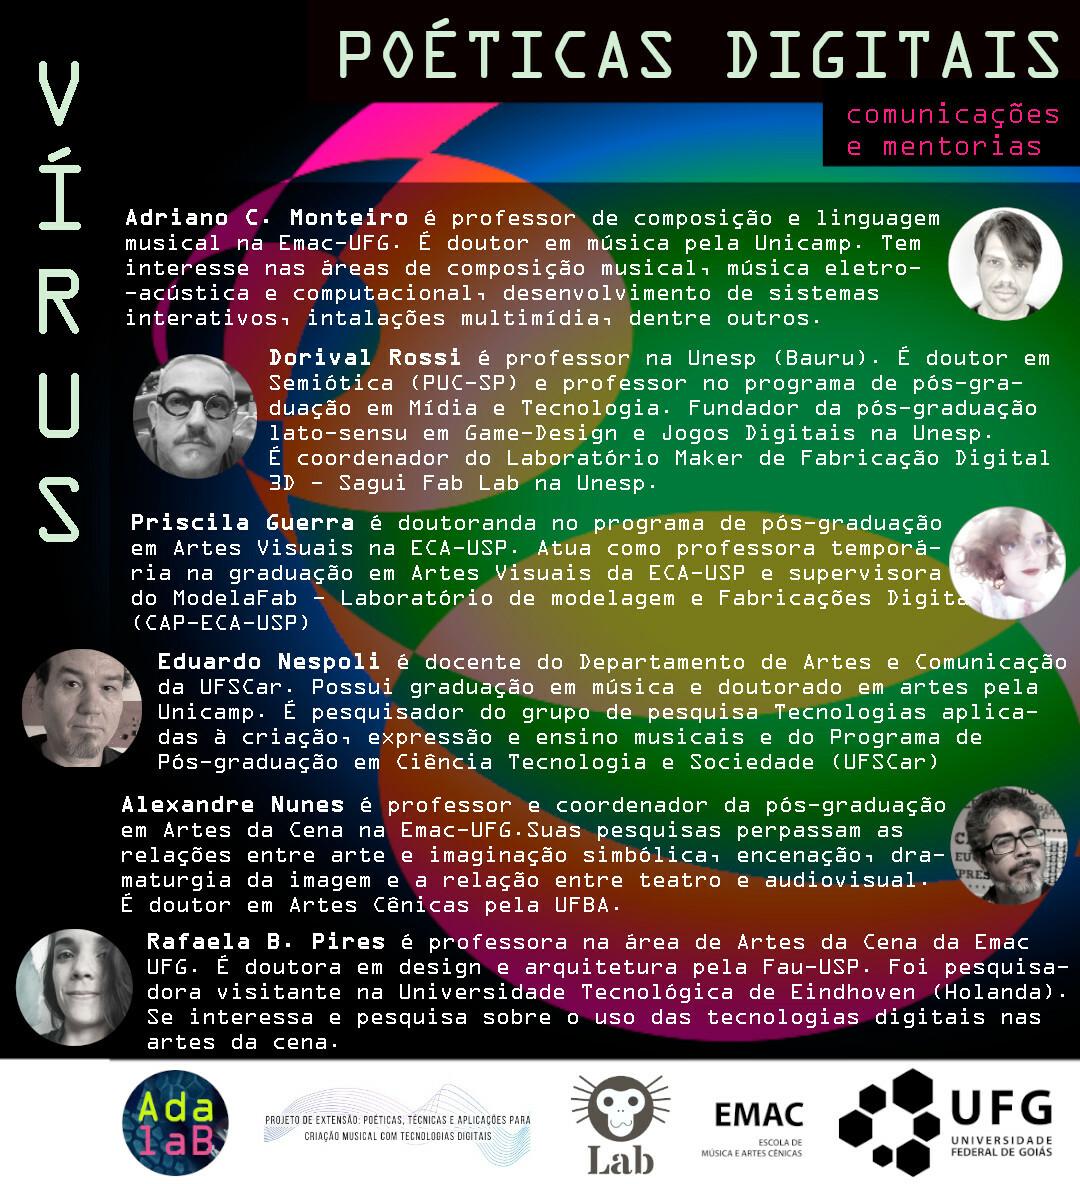 Série Vírus - palestras